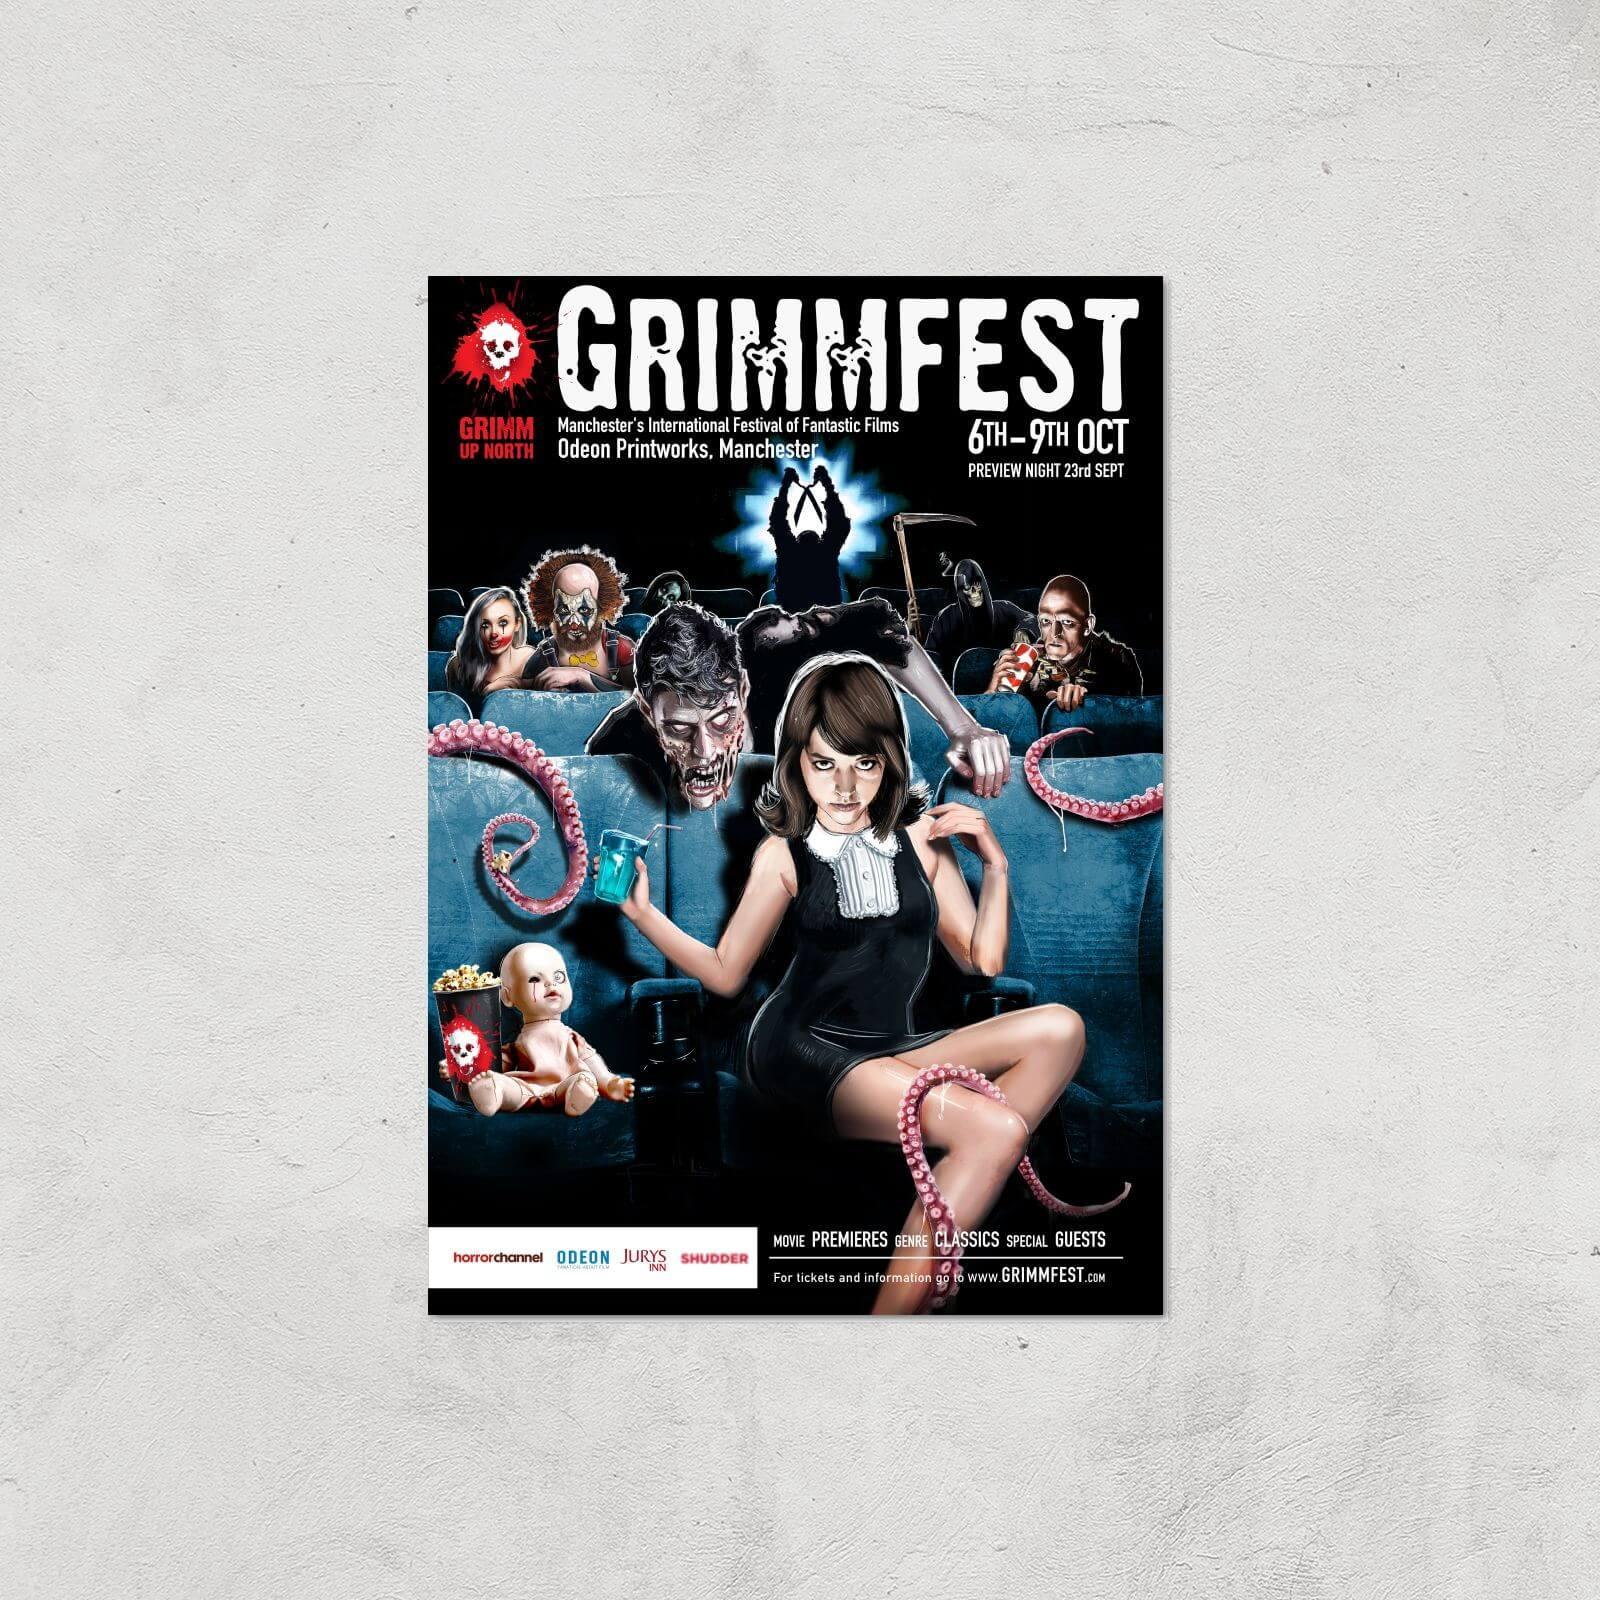 Grimmfest 2016 Giclée Art Print - A2 - Print Only